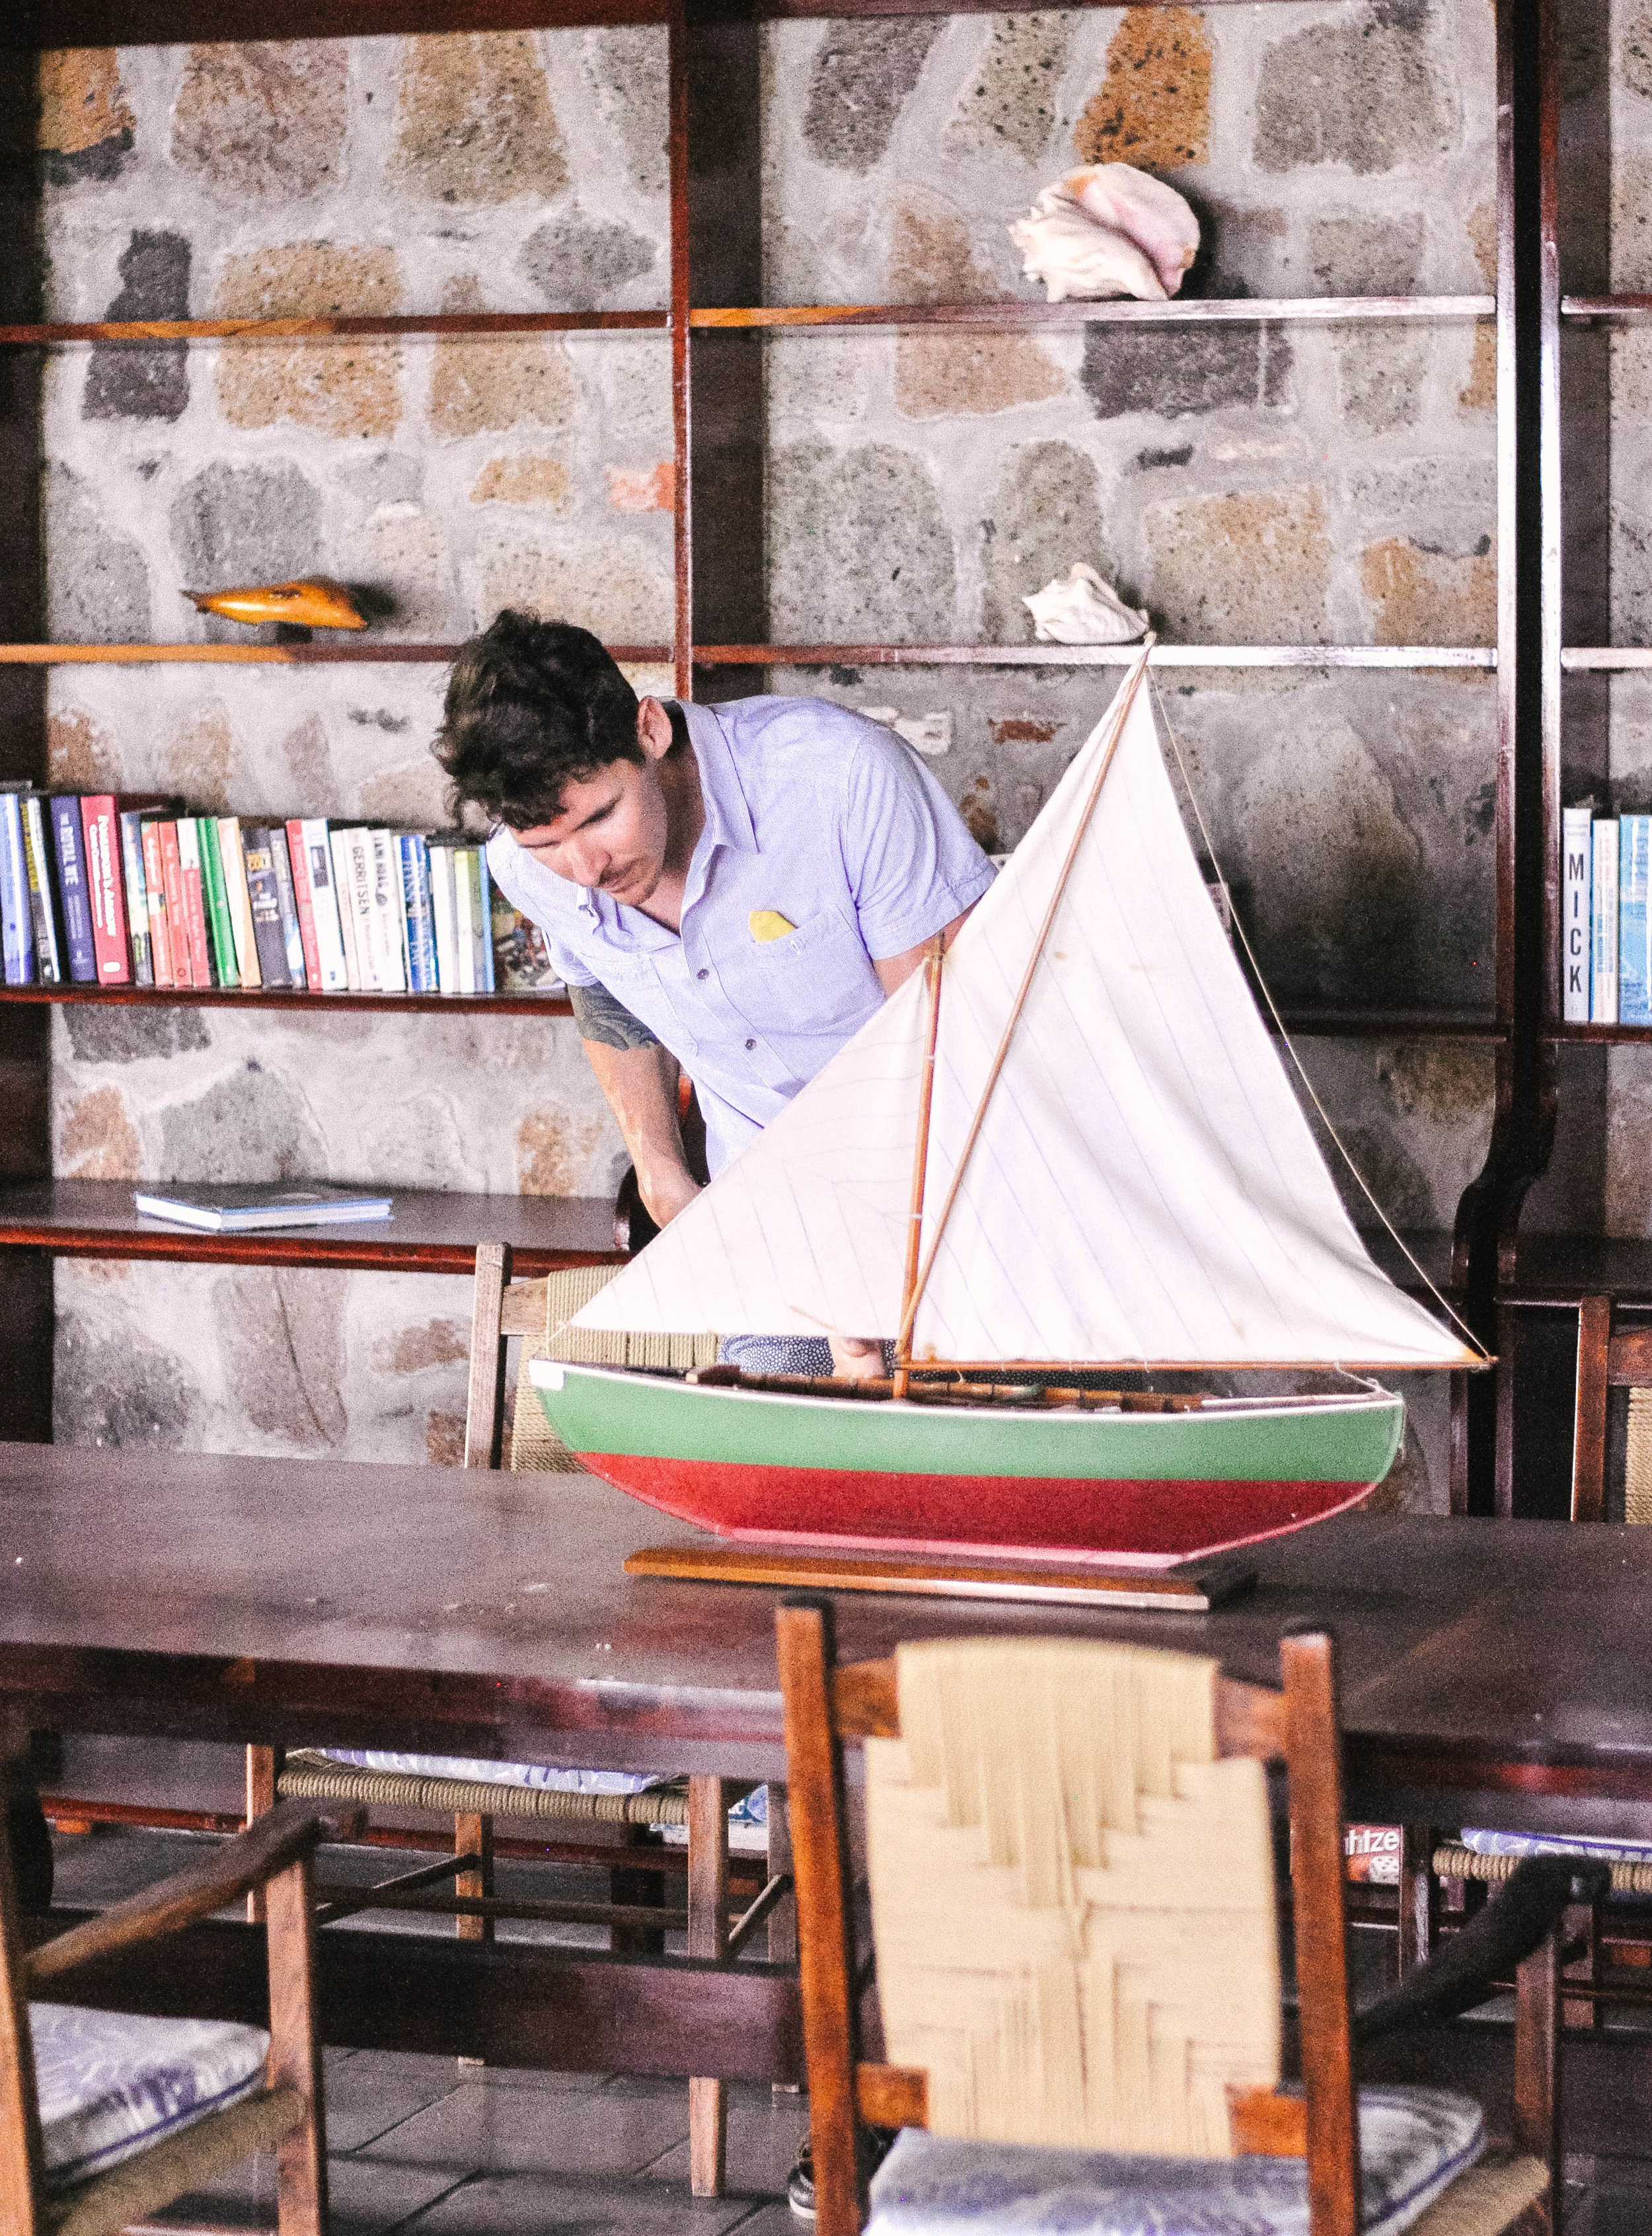 Man looking at model sailboat